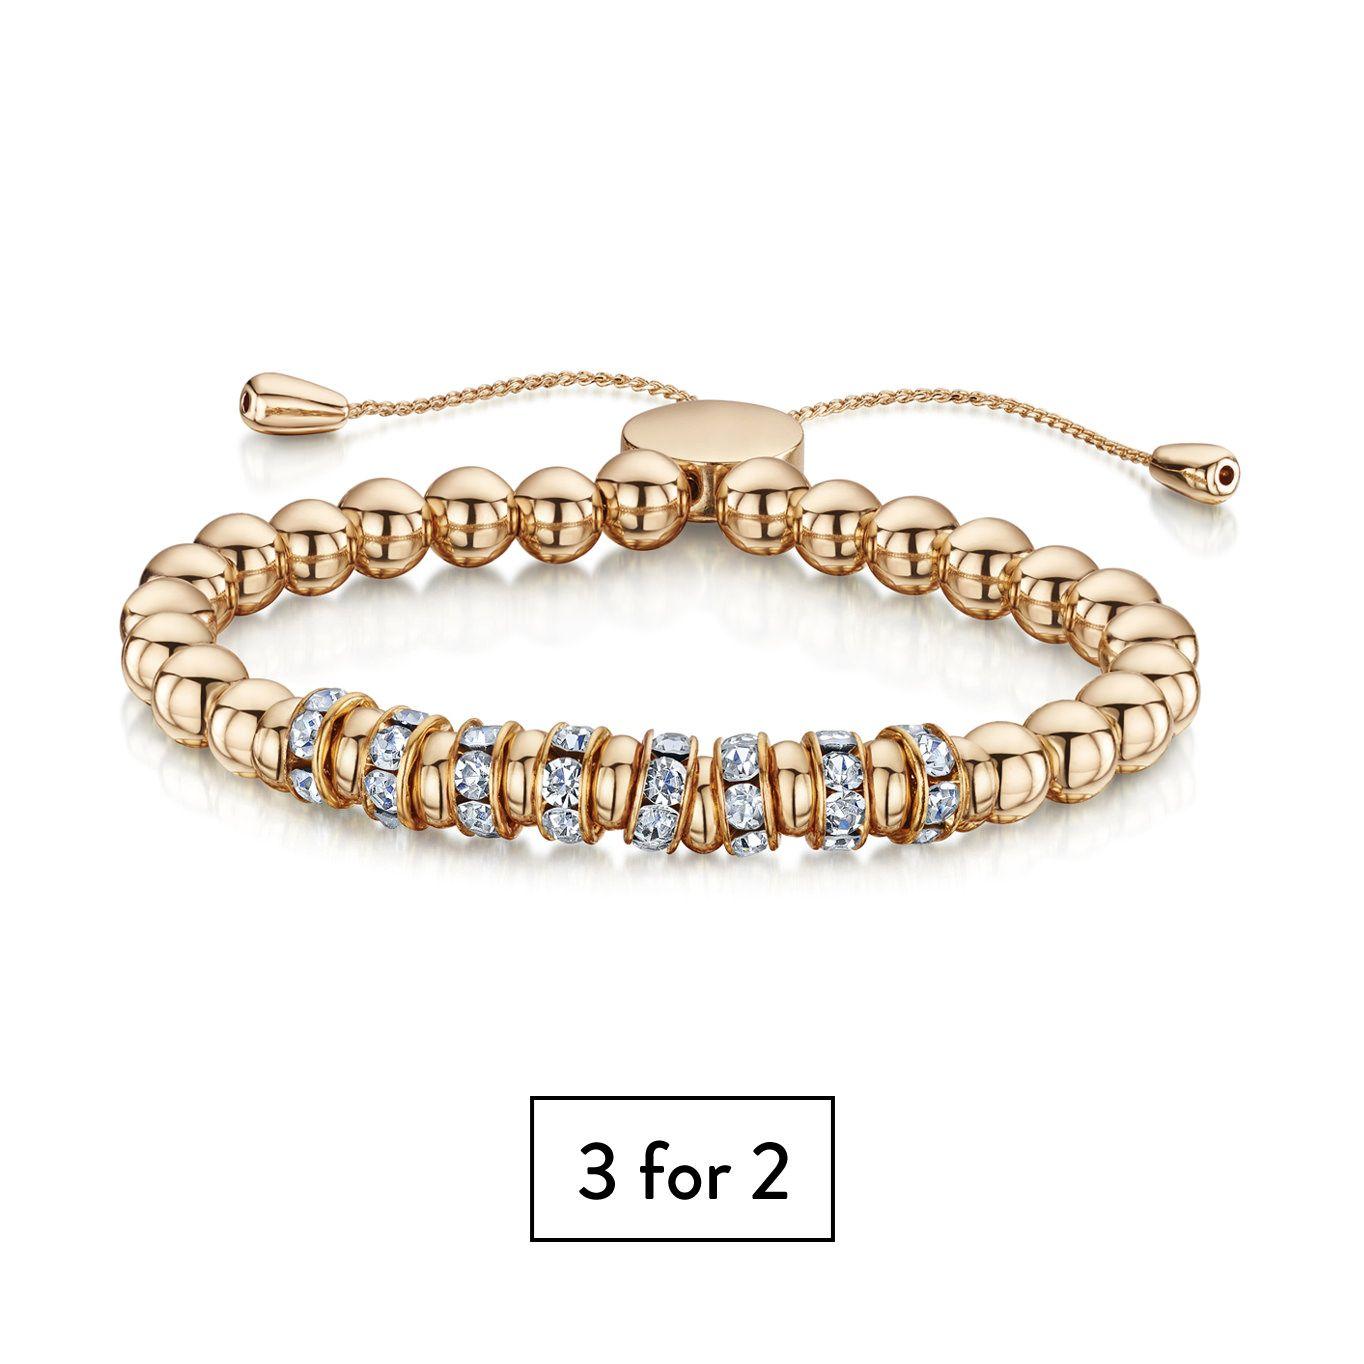 Buckley London Simplicity Bracelet - Rose Gold (Cluster Design)